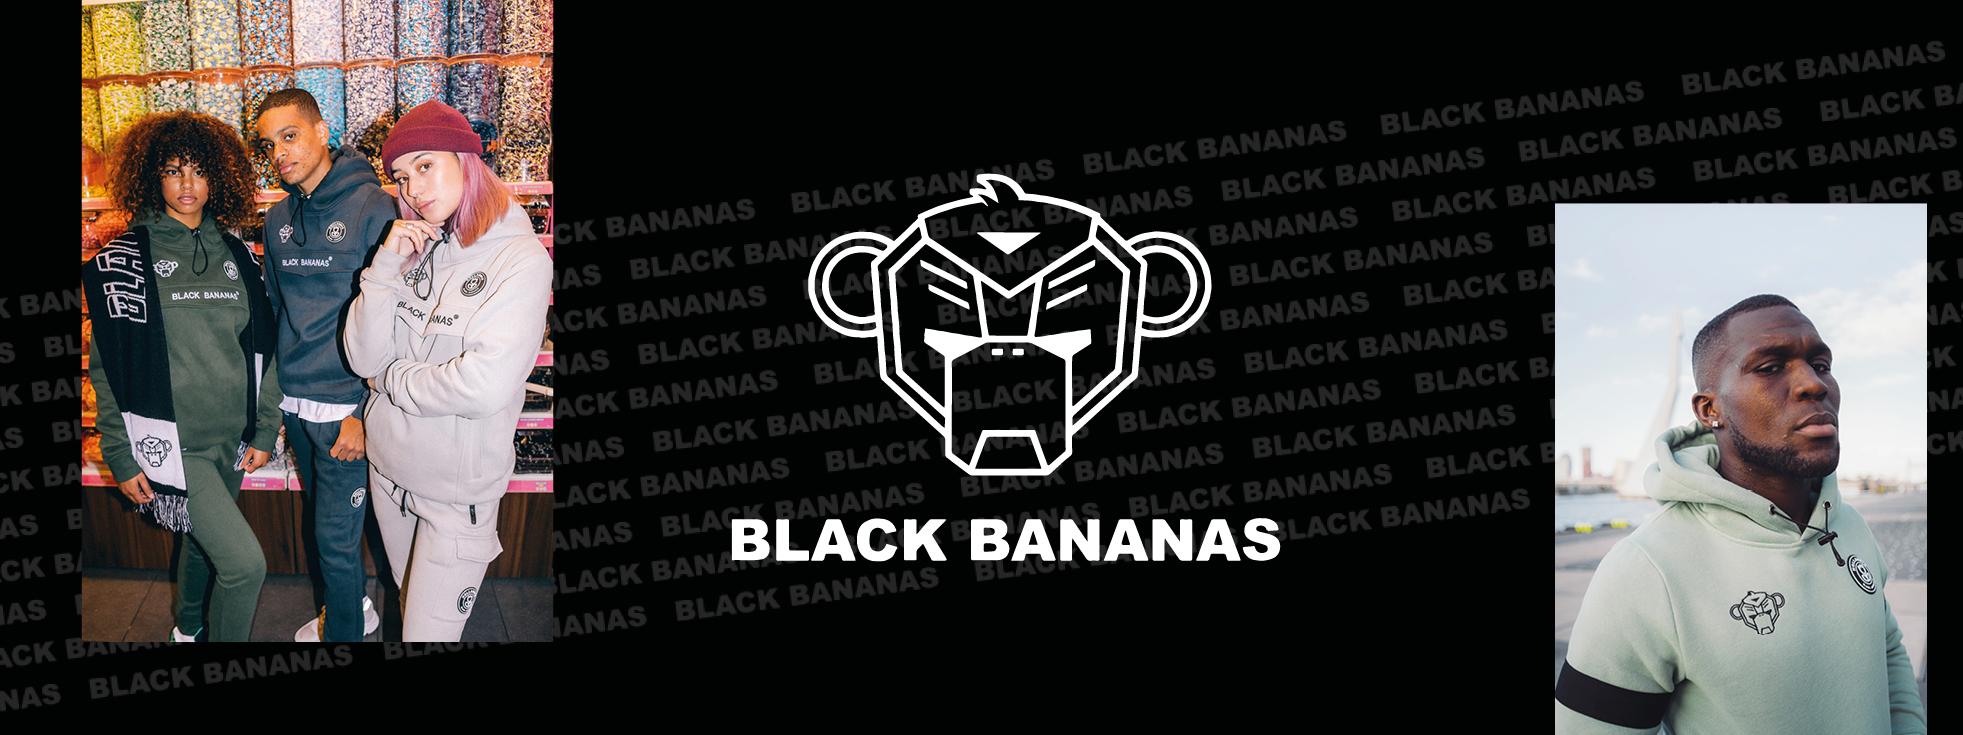 Black Bananas 100%voetbal